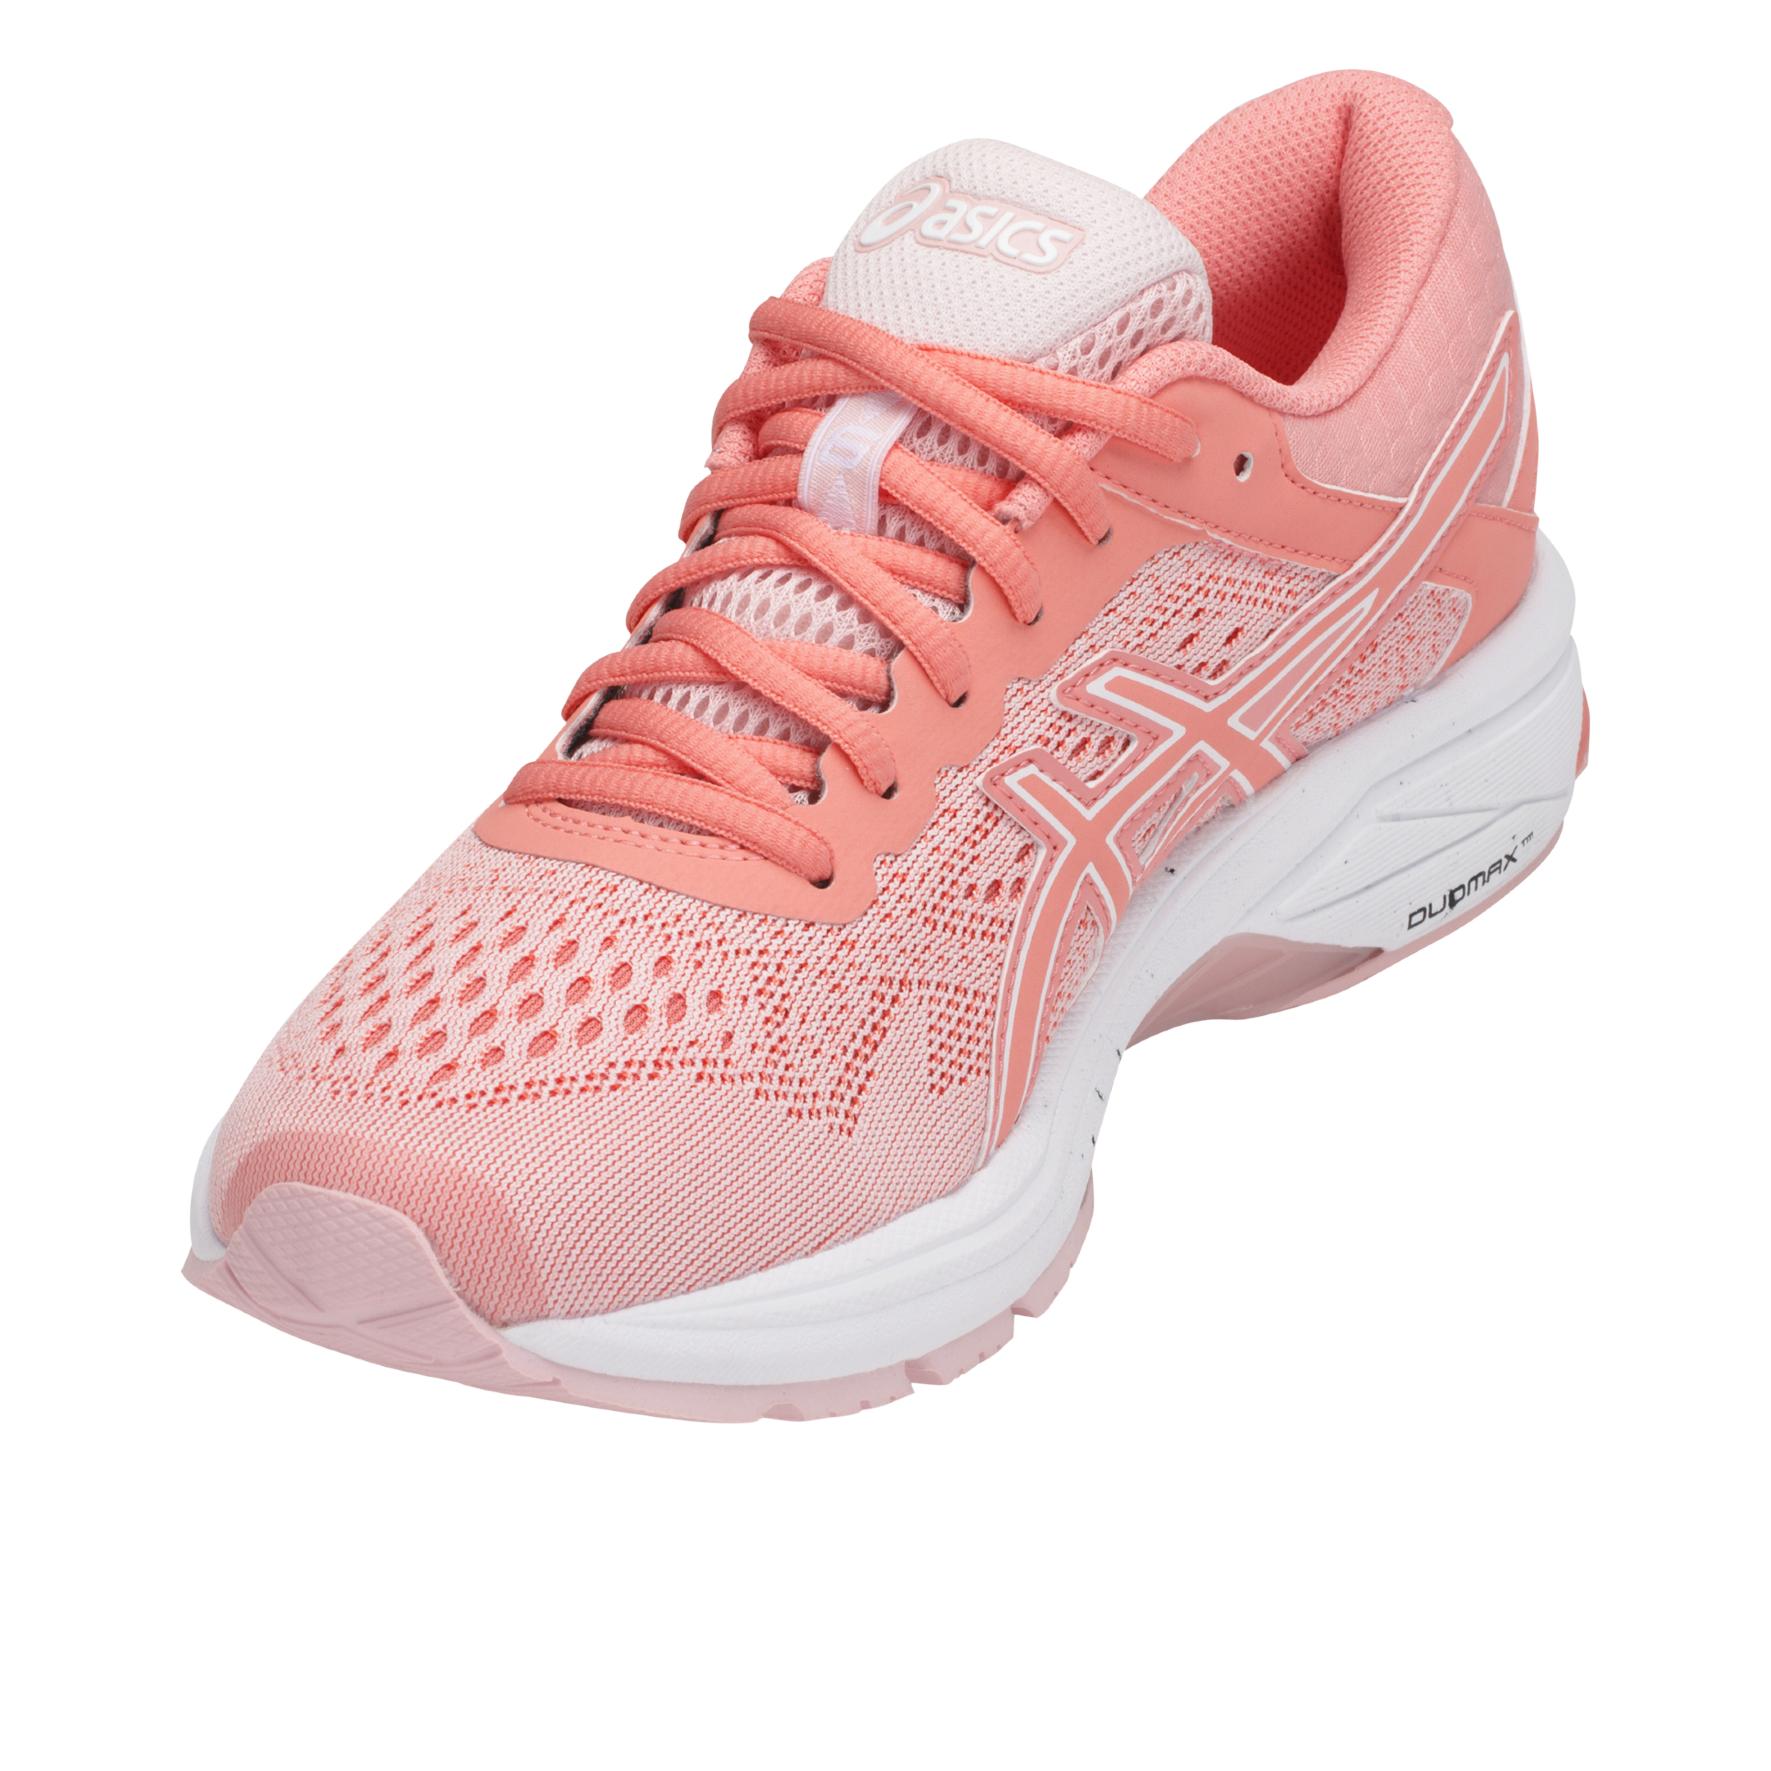 Asics GT-1000 6 - Damen Laufschuhe Running Schuhe - T7A9N-1706 pink ... 3aec18aca3